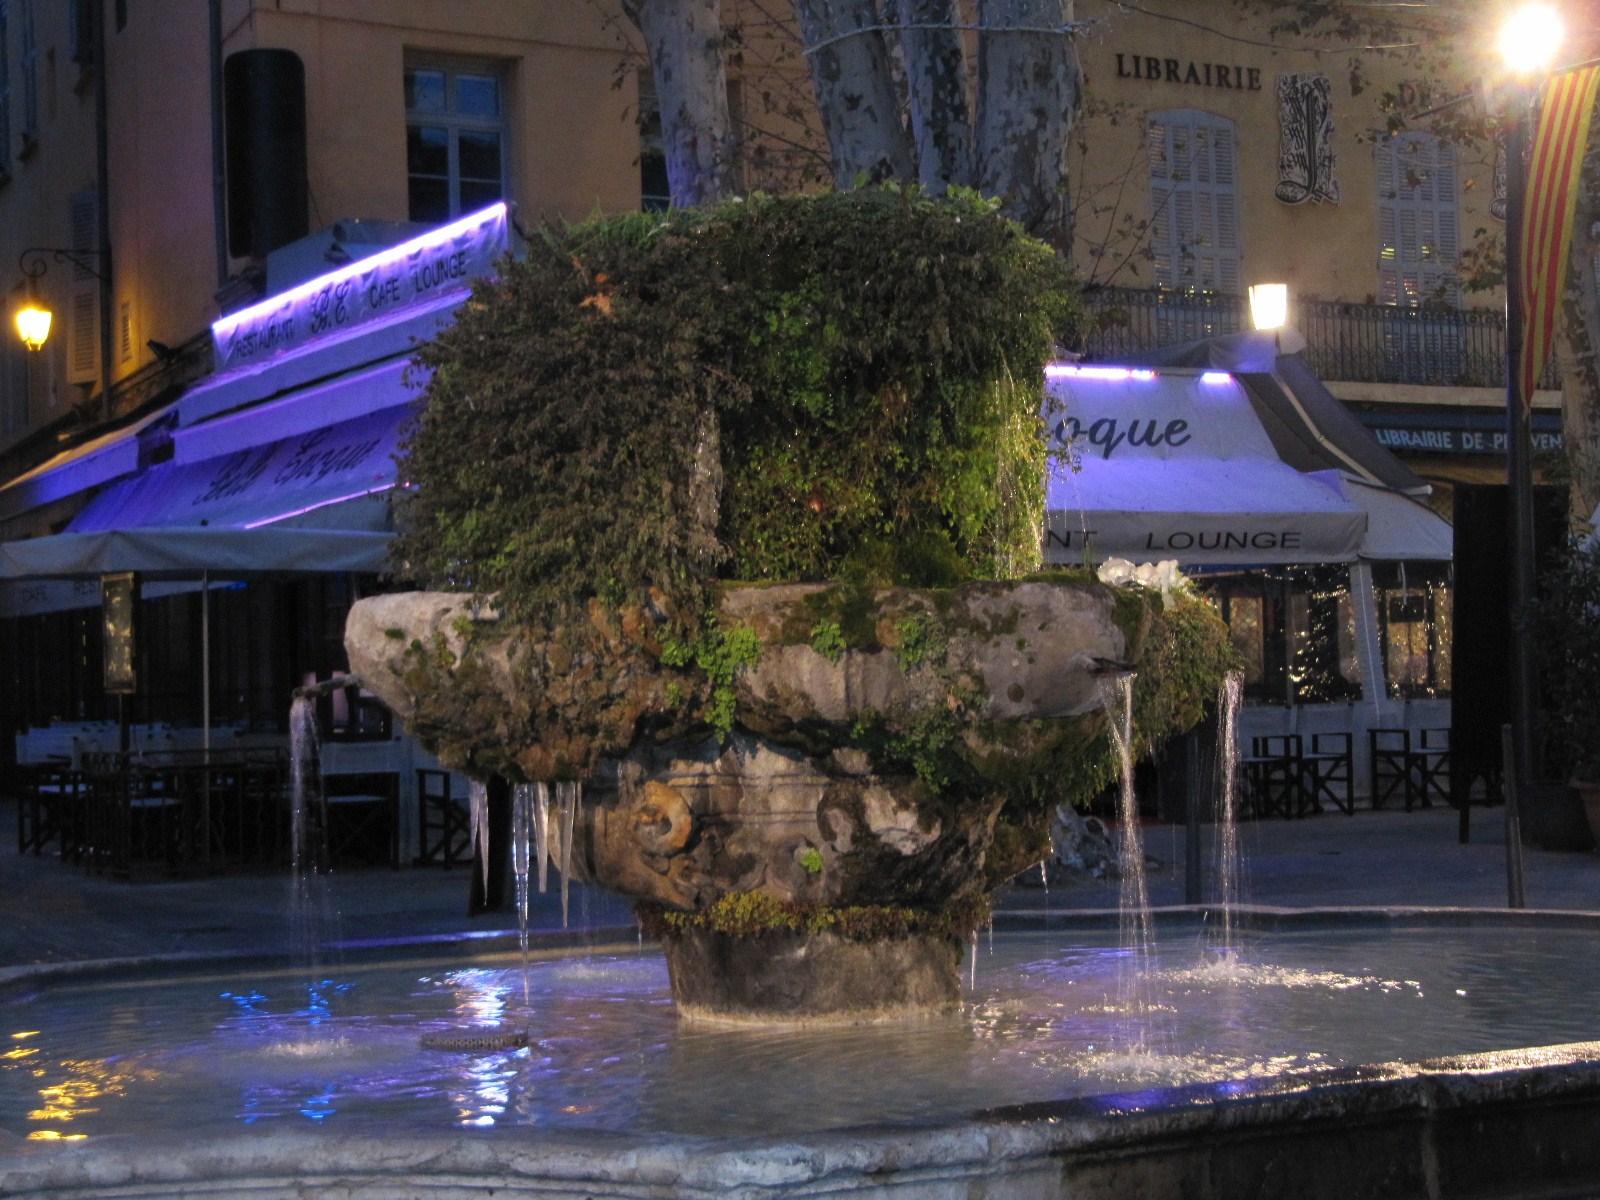 la-fontaine-deau-chaude-001.JPG